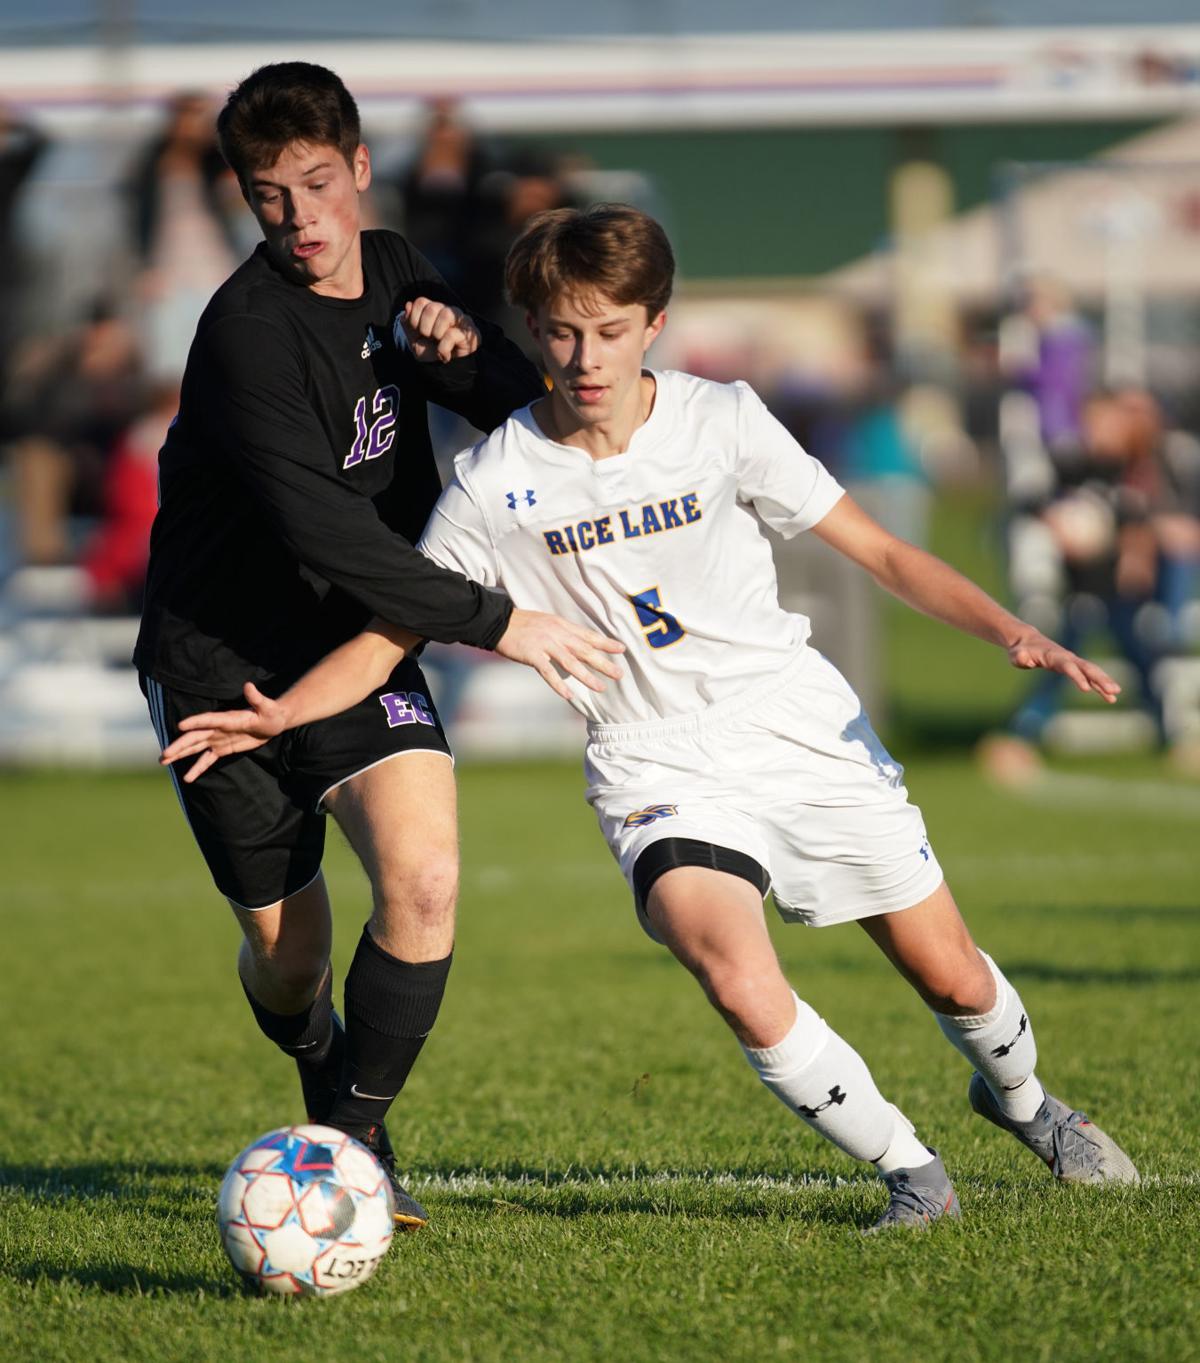 Boys Soccer Rice Lake at Memorial